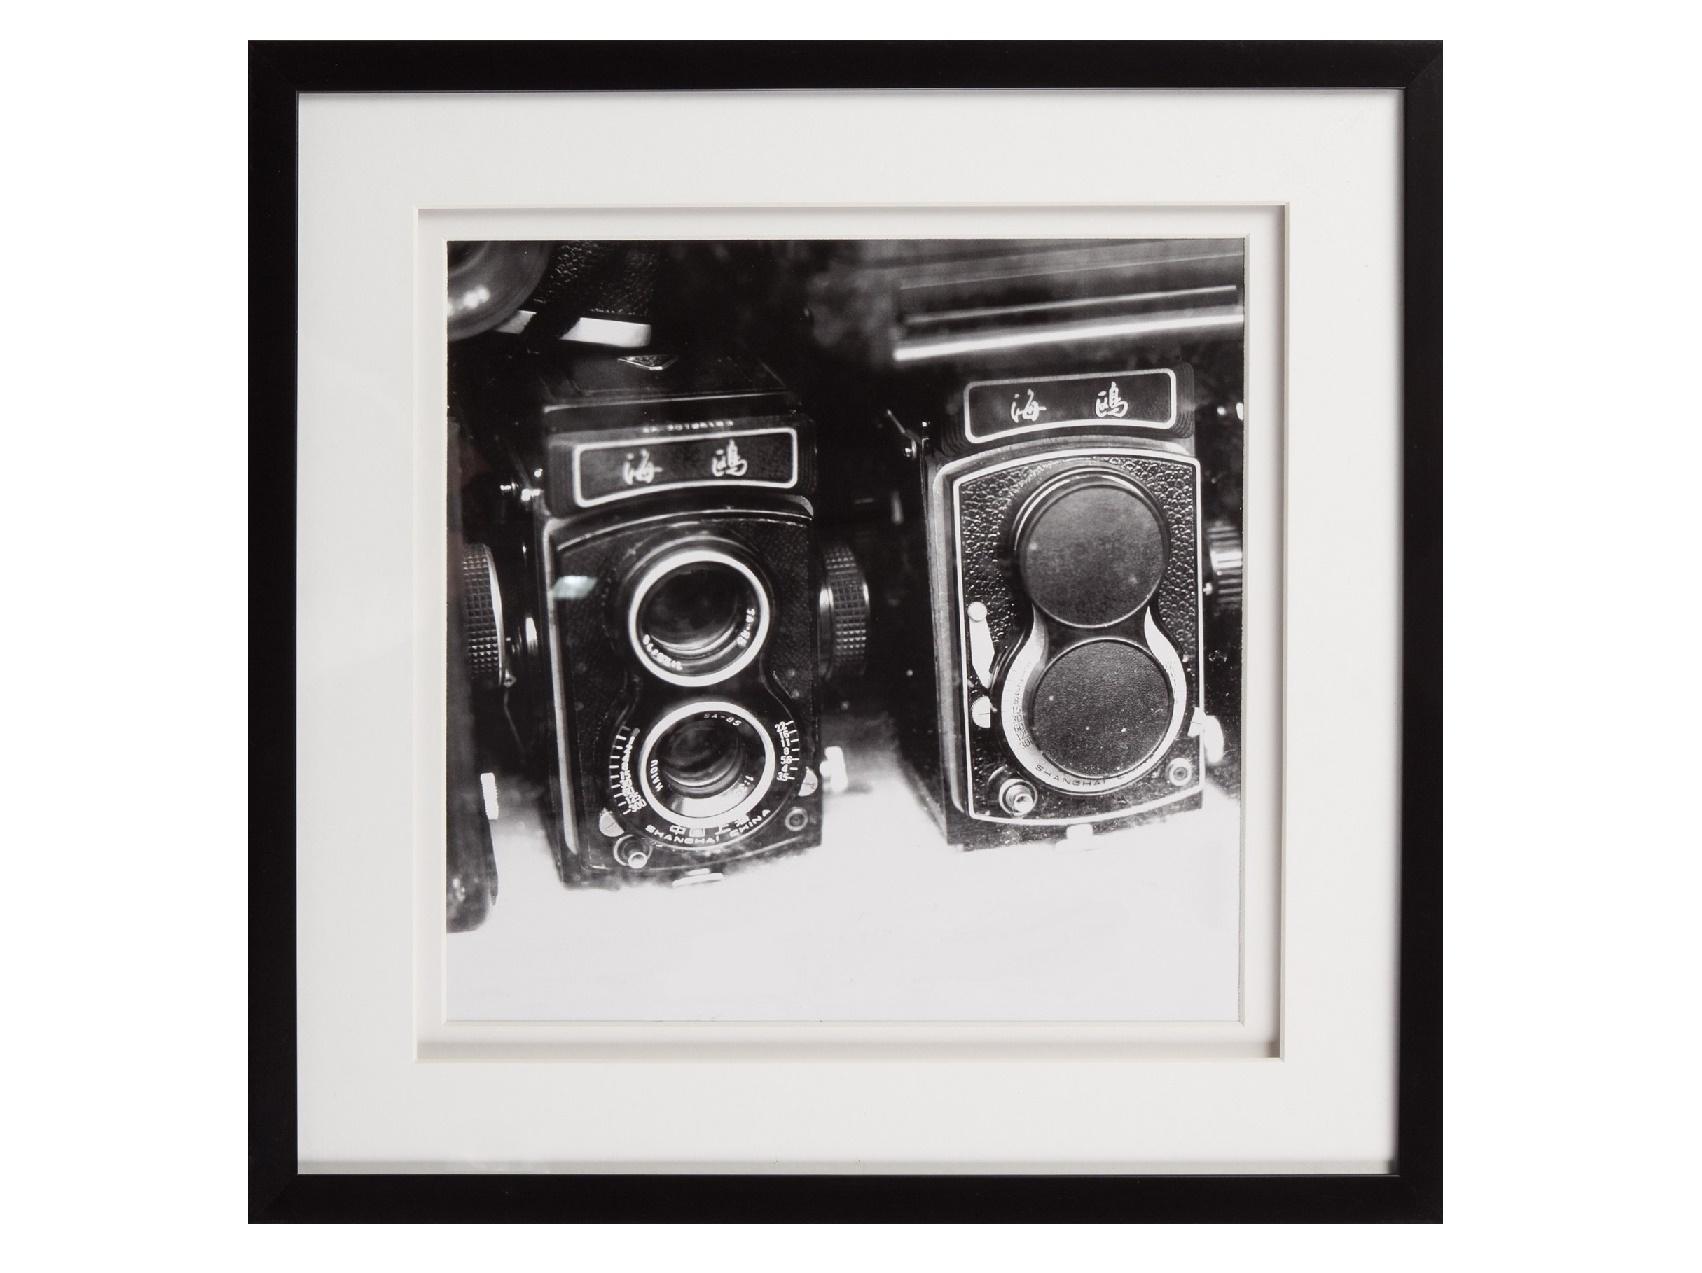 Постер с паспарту в раме Rare FindsПостеры<br>&amp;quot;Rare Finds&amp;quot; ? постер, на котором изображены старинные фотоаппараты. Такая картина, пропитанная ретро-шиком, позволит привнести в оформление пространства классическую элегантность. Она превосходно дополнит сдержанные традиционные или загадочные винтажные интерьеры.<br><br><br><br><br>&amp;amp;nbsp;&amp;amp;nbsp;&amp;lt;div&amp;gt;&amp;lt;br&amp;gt;&amp;lt;/div&amp;gt;&amp;lt;div&amp;gt;Рама - дерево.&amp;lt;/div&amp;gt;<br><br>Material: Бумага<br>Width см: 44<br>Depth см: 3<br>Height см: 44